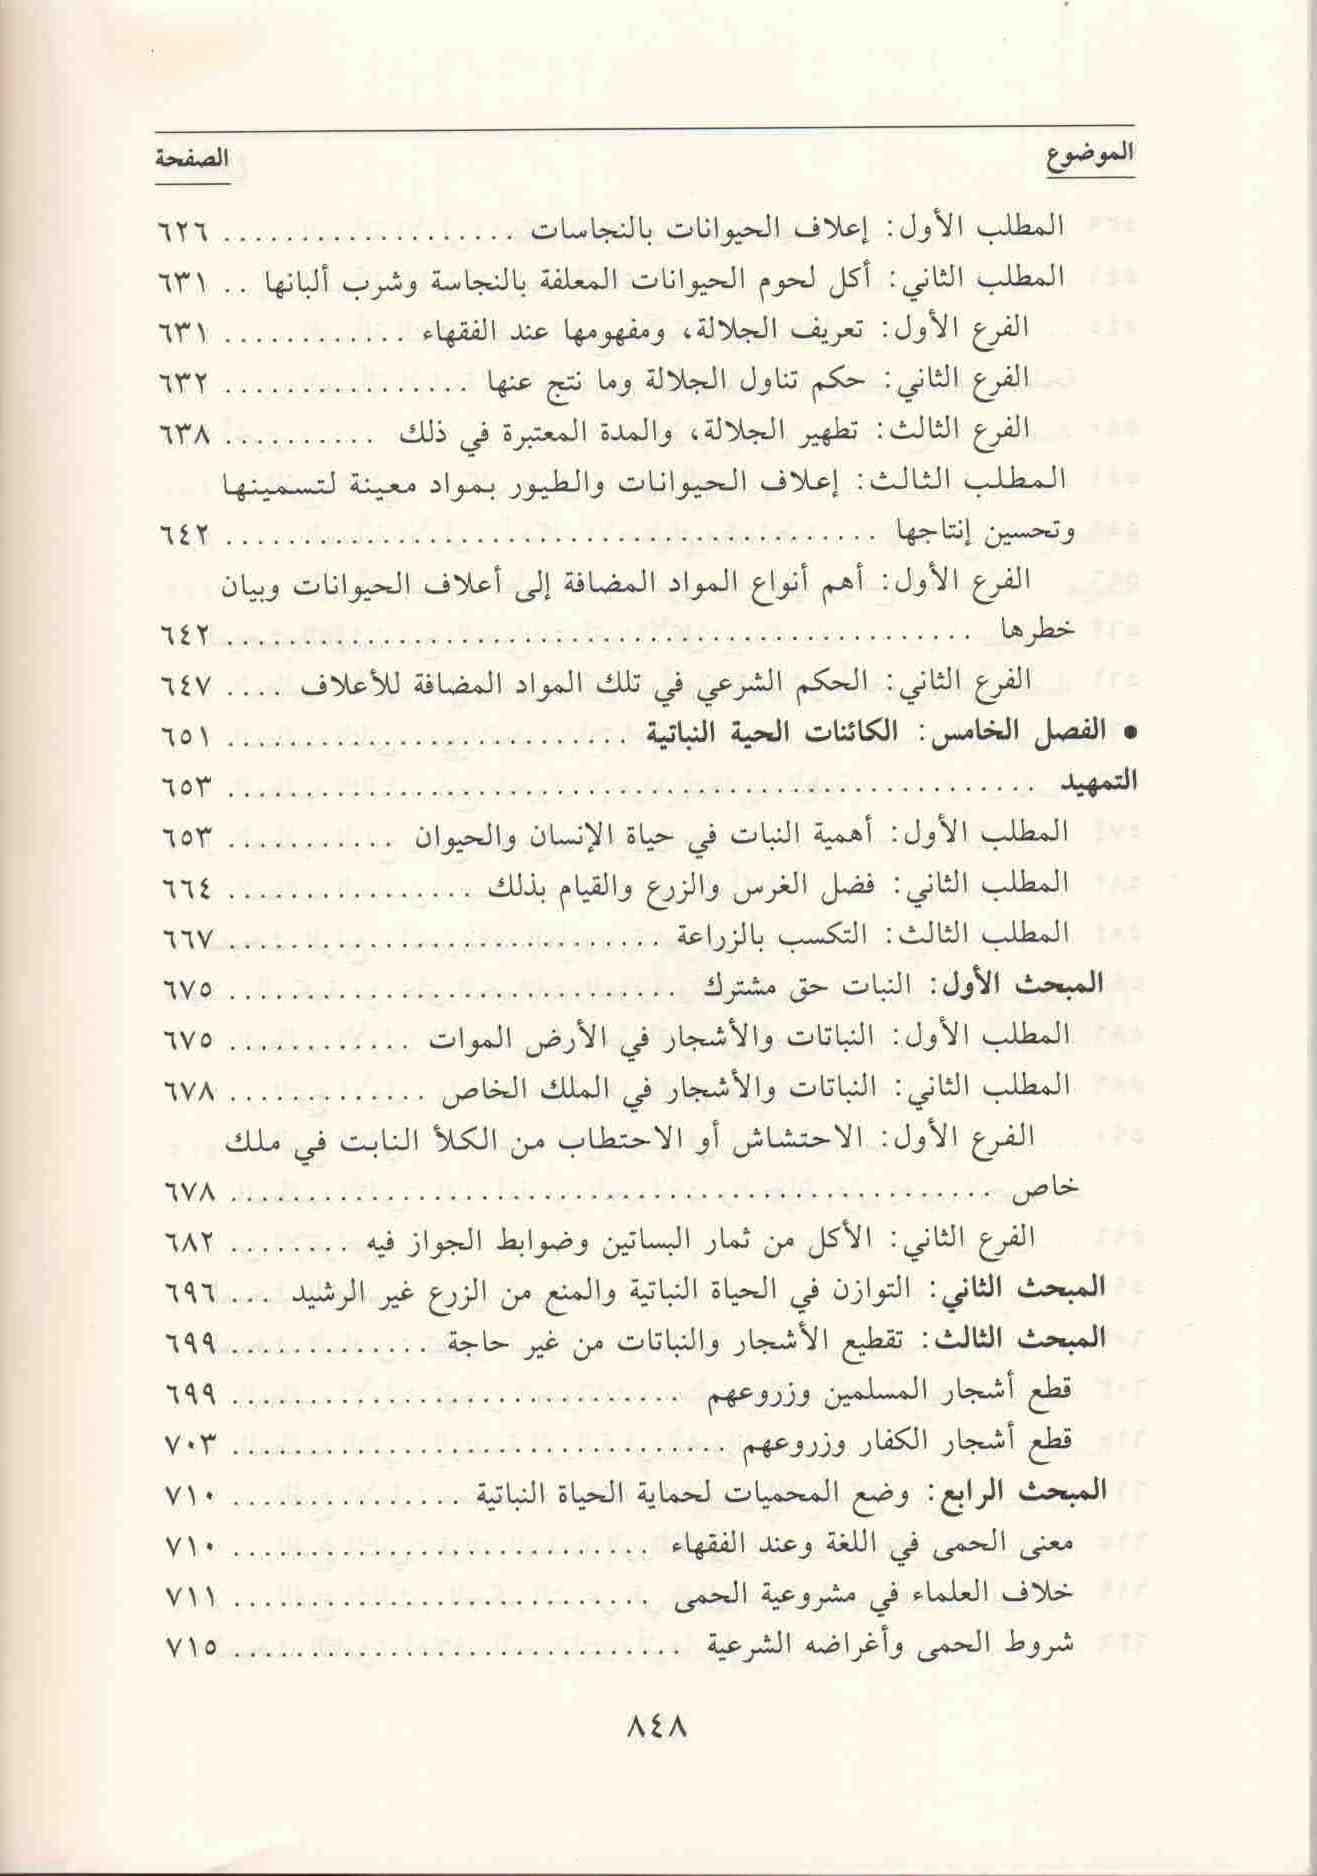 ص 848 محتويات كتاب أحكام البيئة